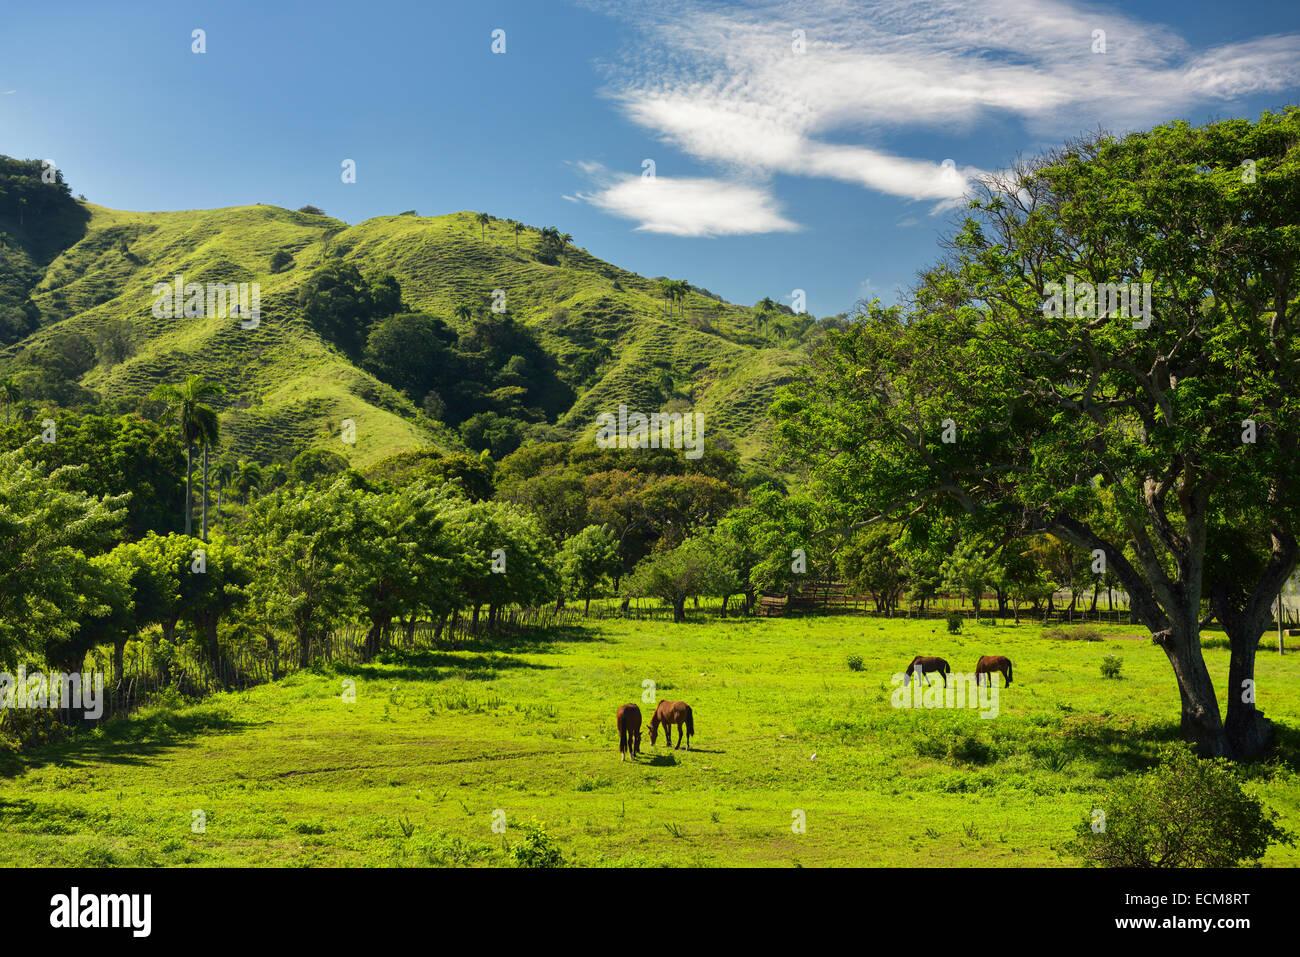 Le pâturage des chevaux sur l'herbe verte de la terre ferme à côté d'une montagne à Photo Stock